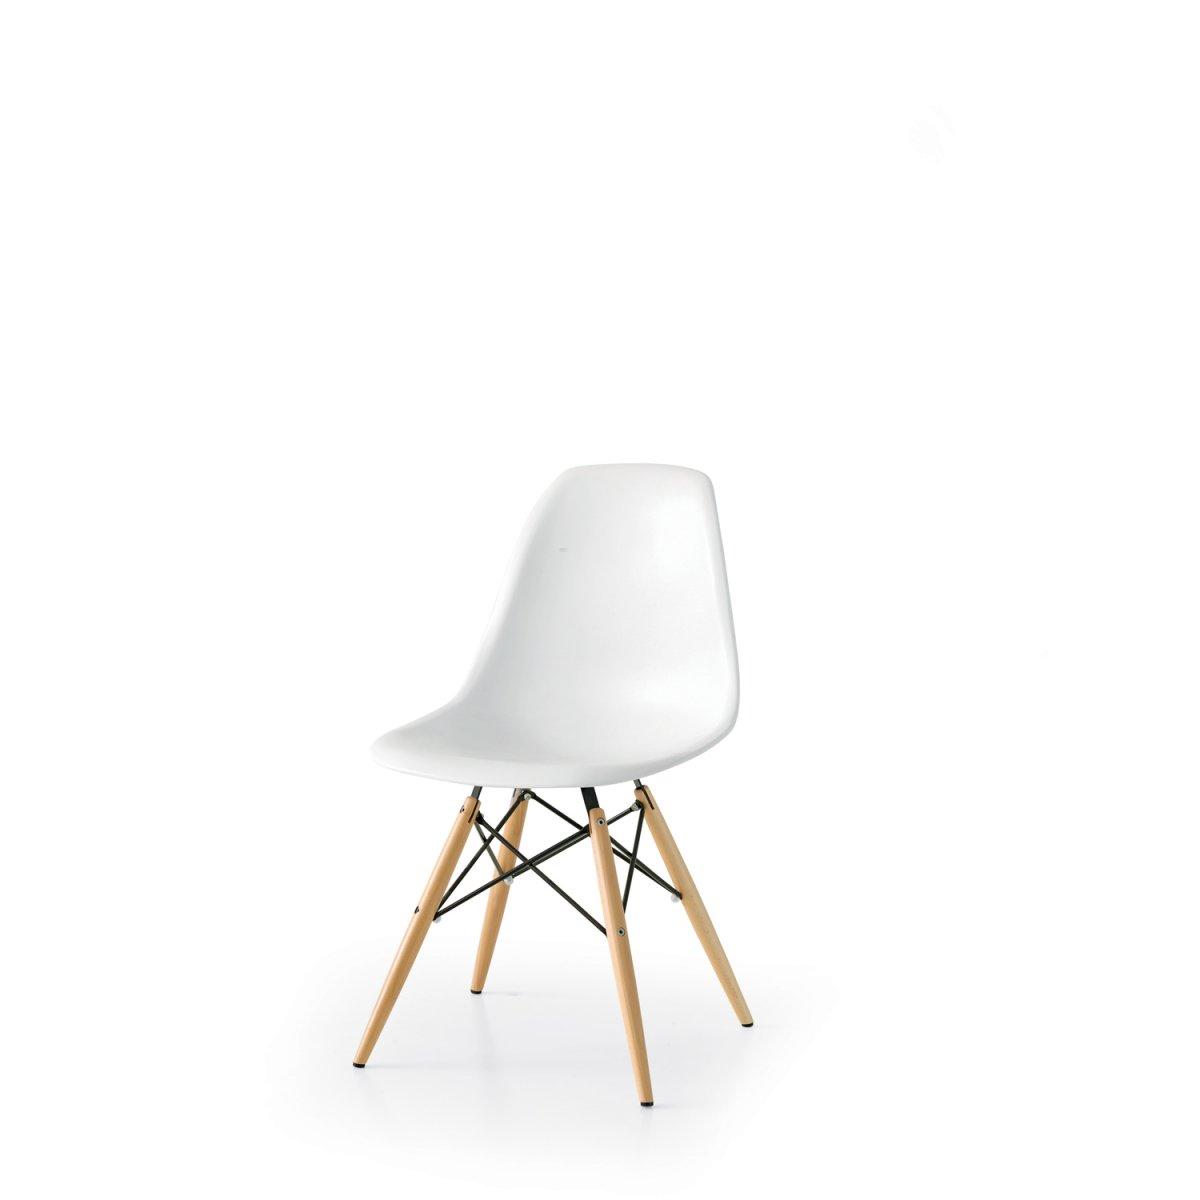 Storm sedia lilian gambe legno e metallo seduta for Sedie polipropilene bianche